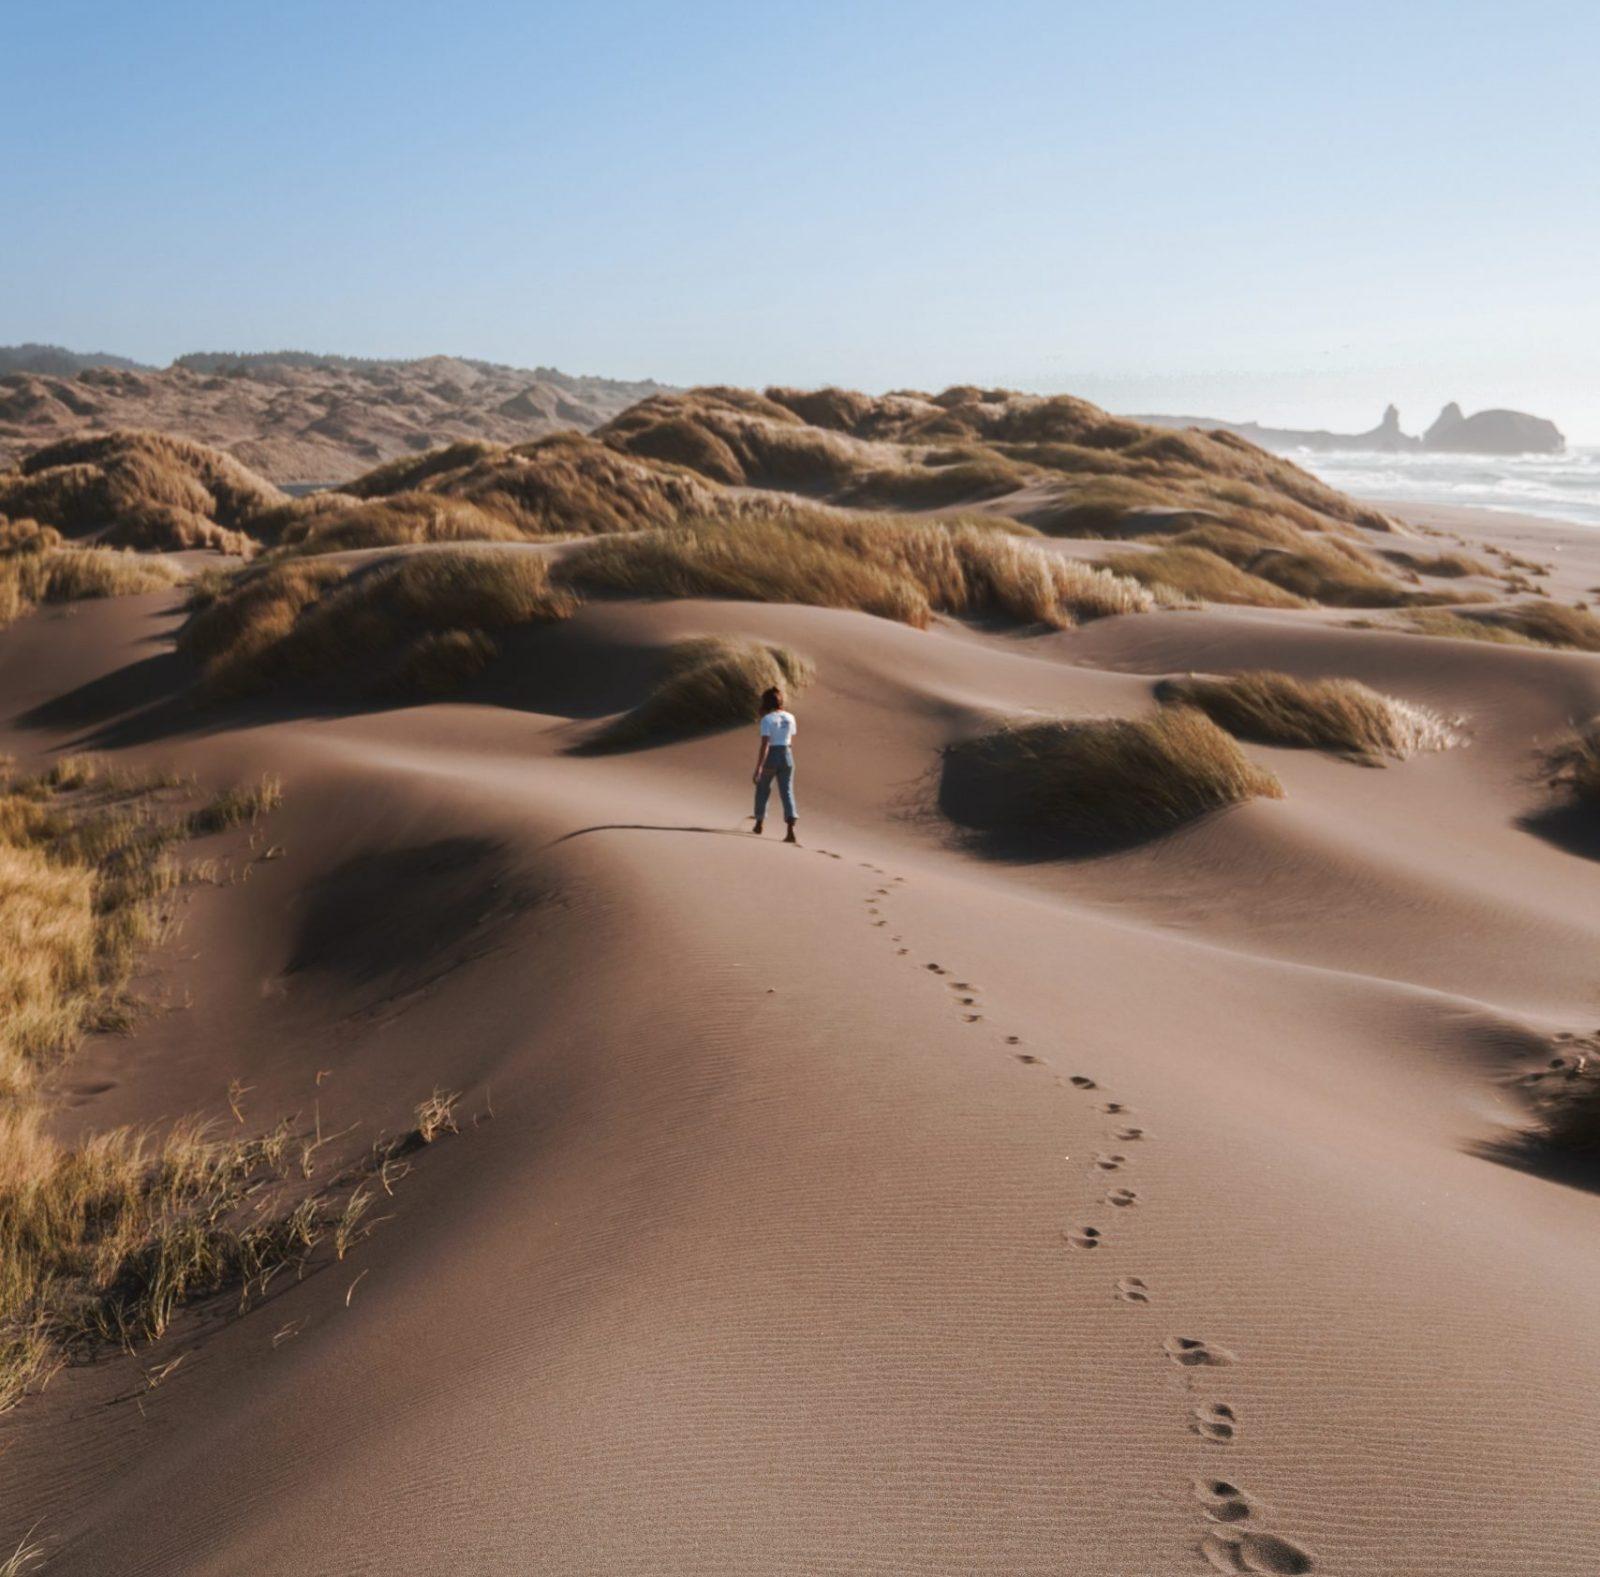 opkomen-voor-jezelf-voetstappen-in-het-zand